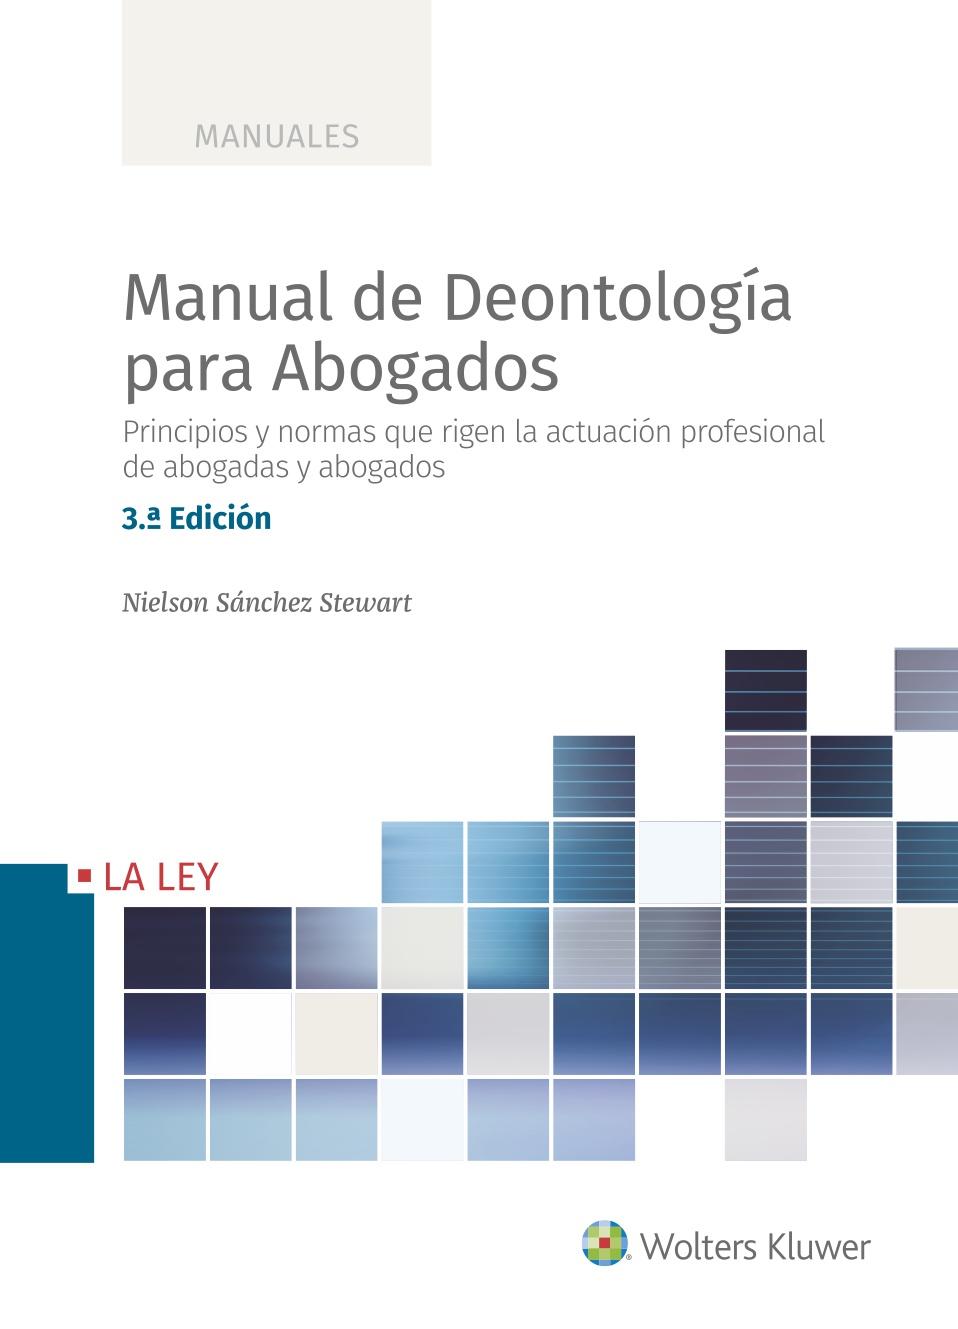 Manual de Deontología para Abogados (3.ª Edición)   «Principios y normas que rigen la actuación profesional de abogadas y abogados»